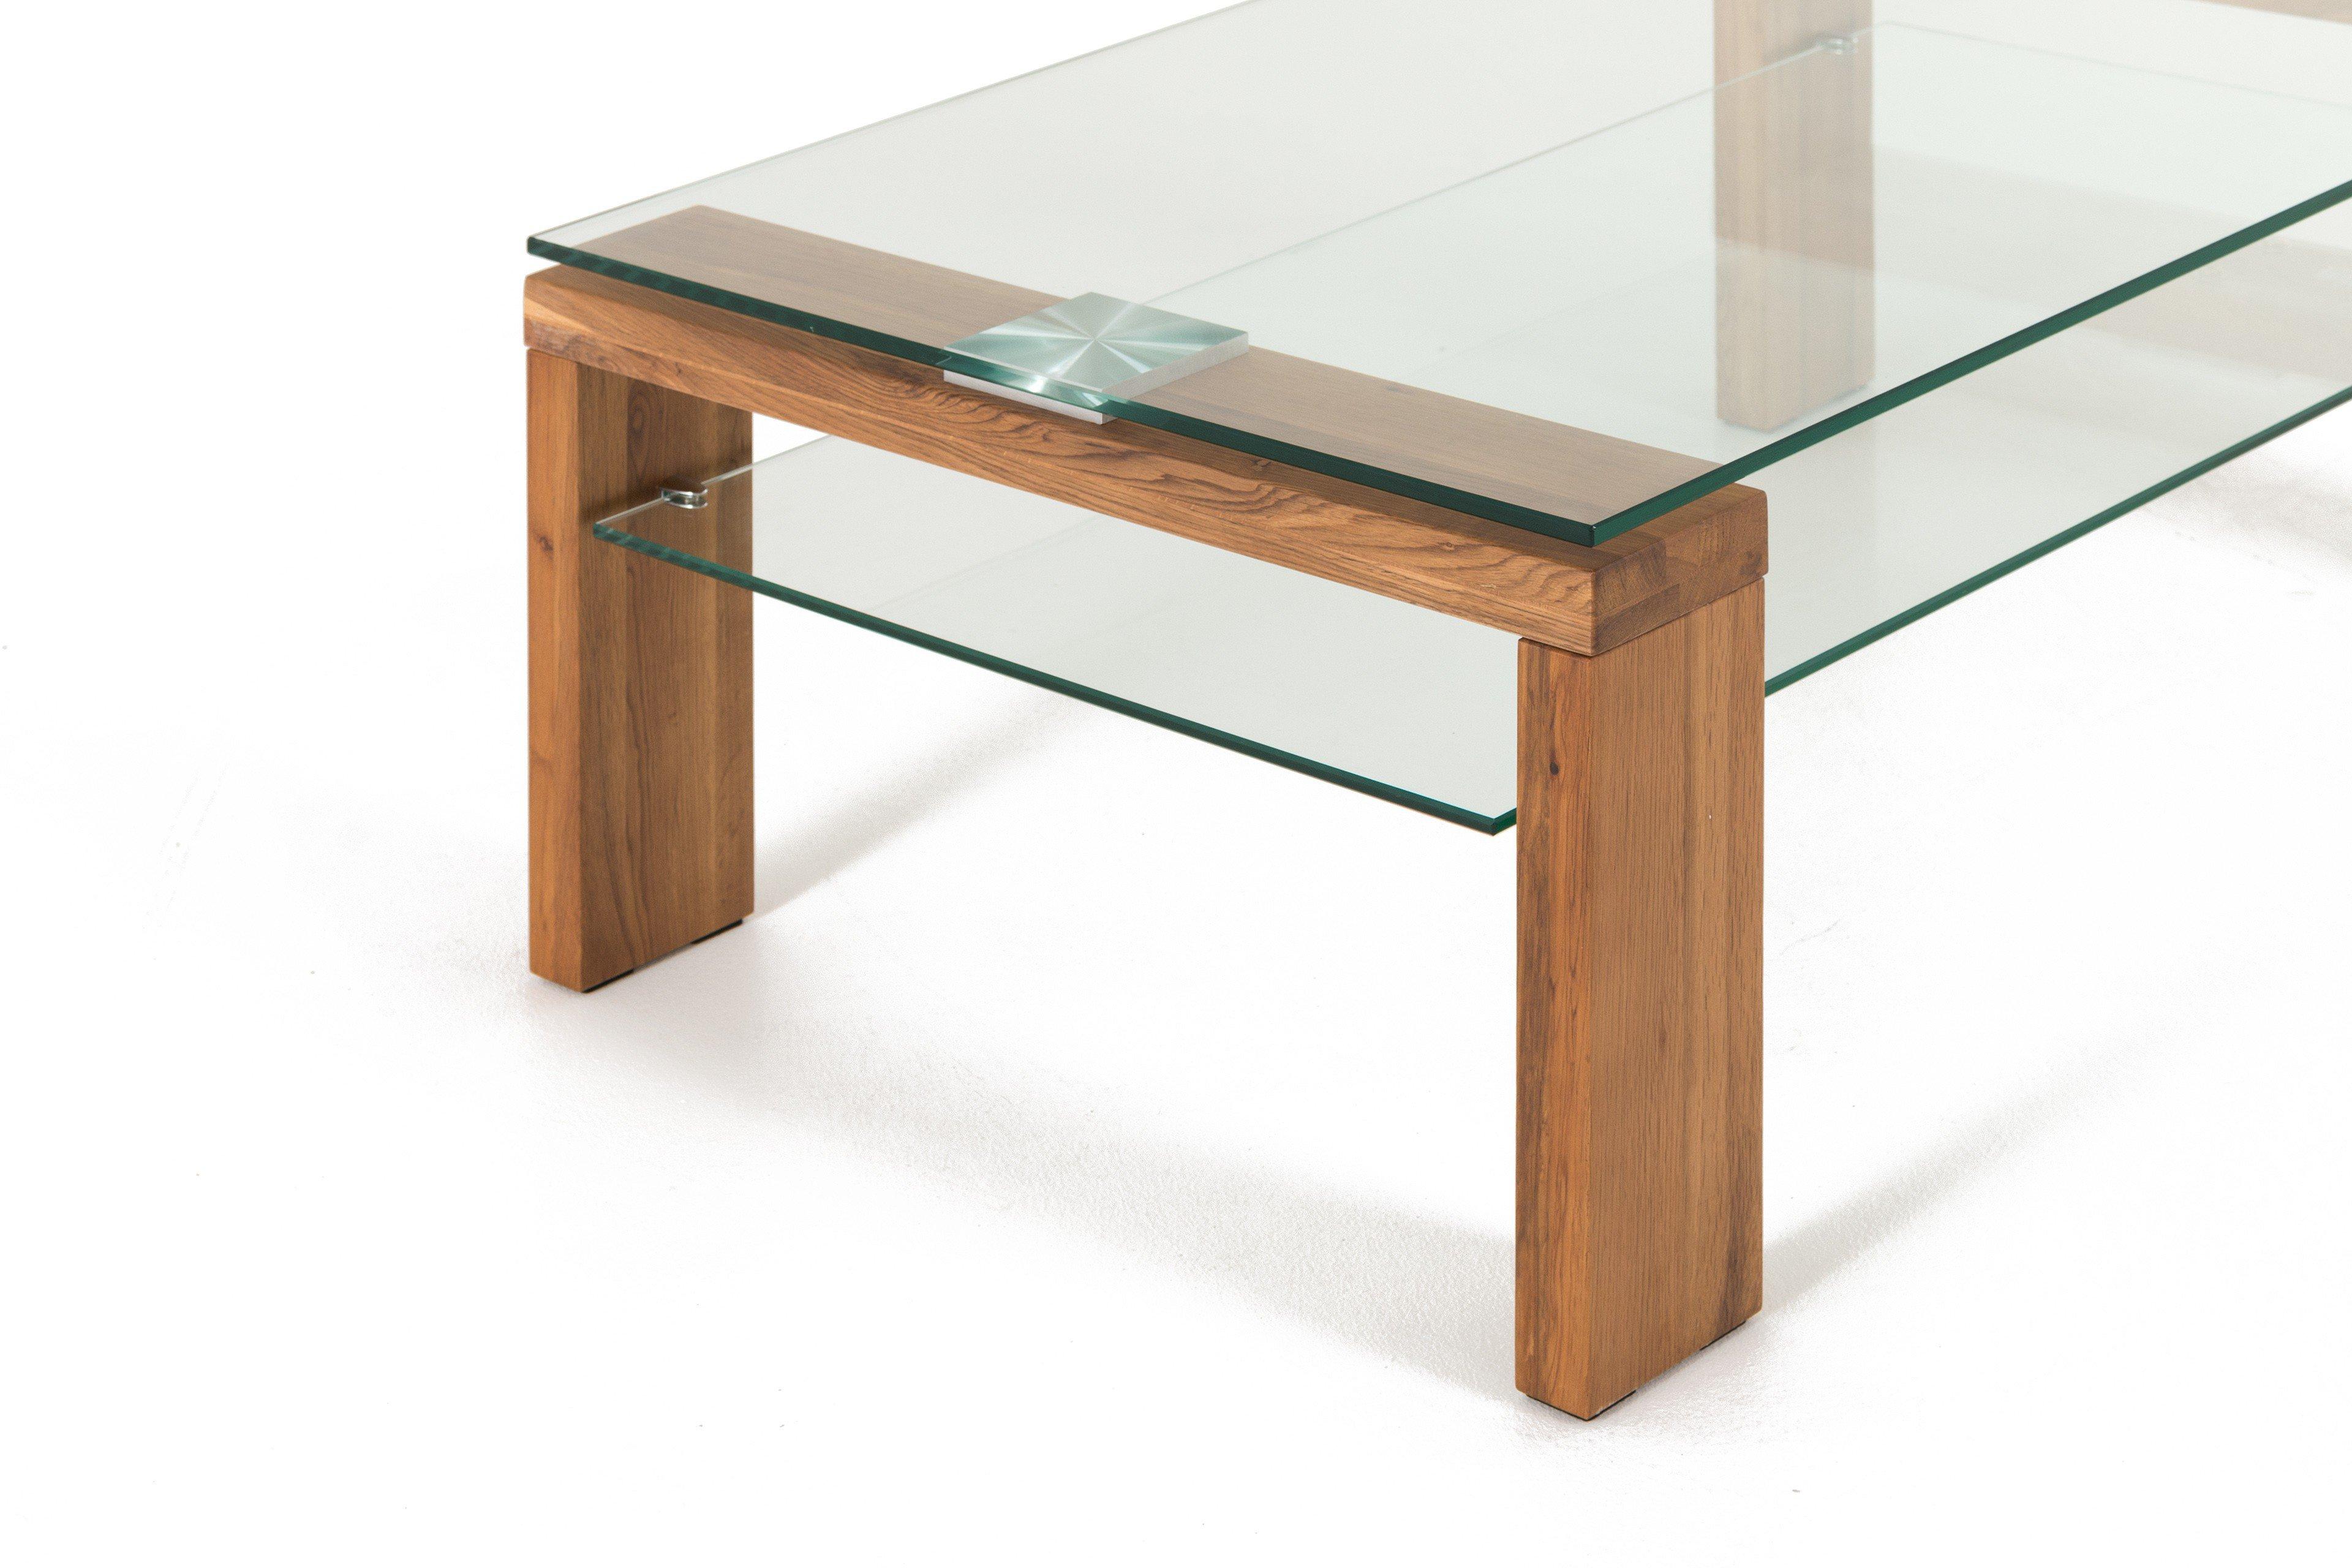 couchtisch alicia aus wildeiche glas von hl design m bel letz ihr online shop. Black Bedroom Furniture Sets. Home Design Ideas